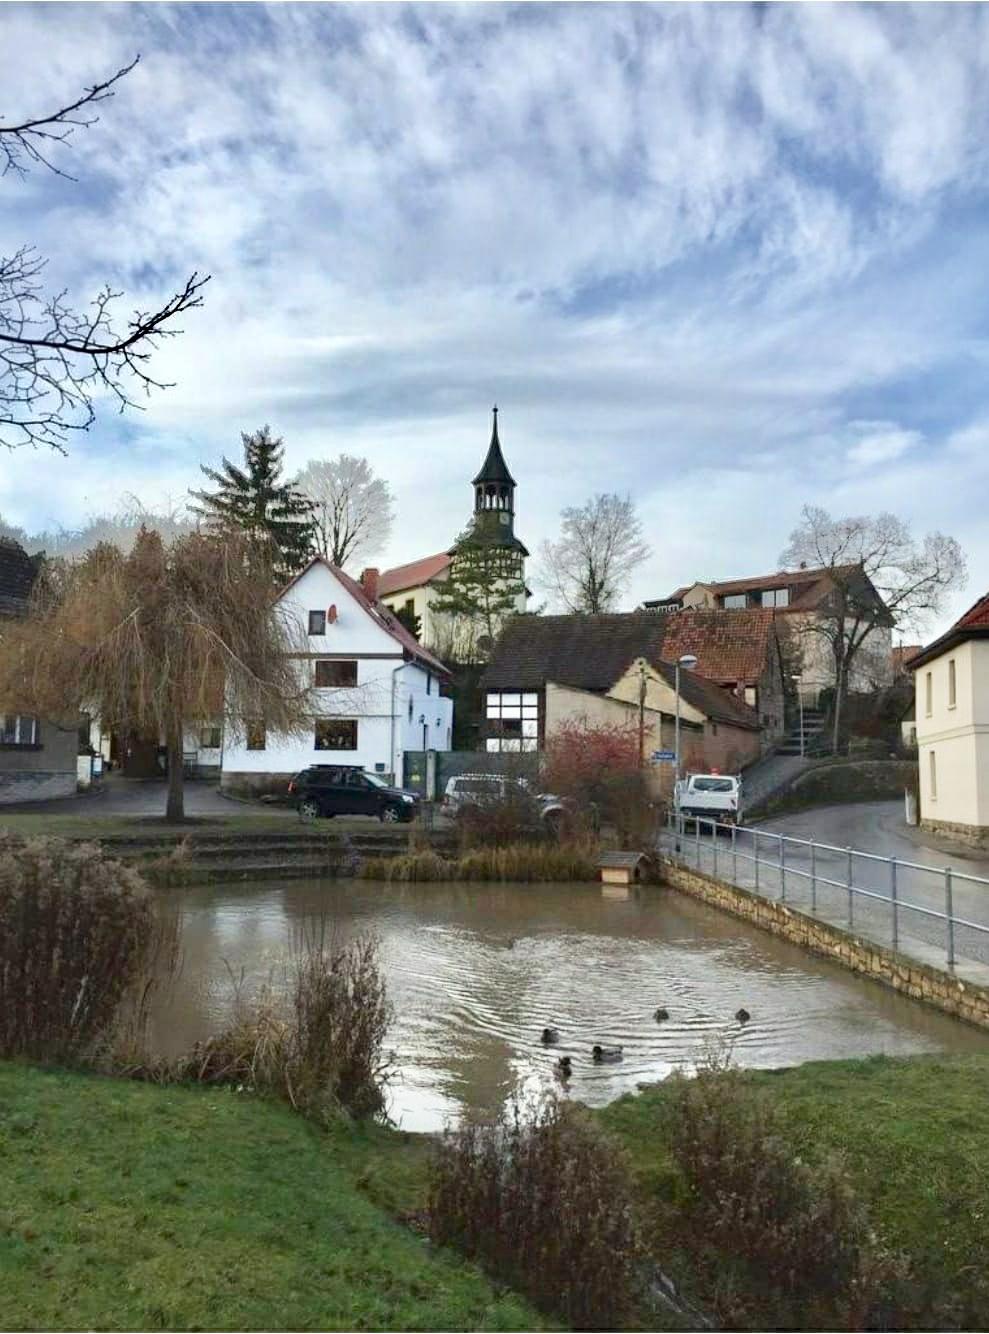 Marbach - Ein Ortsteil von Erfurt